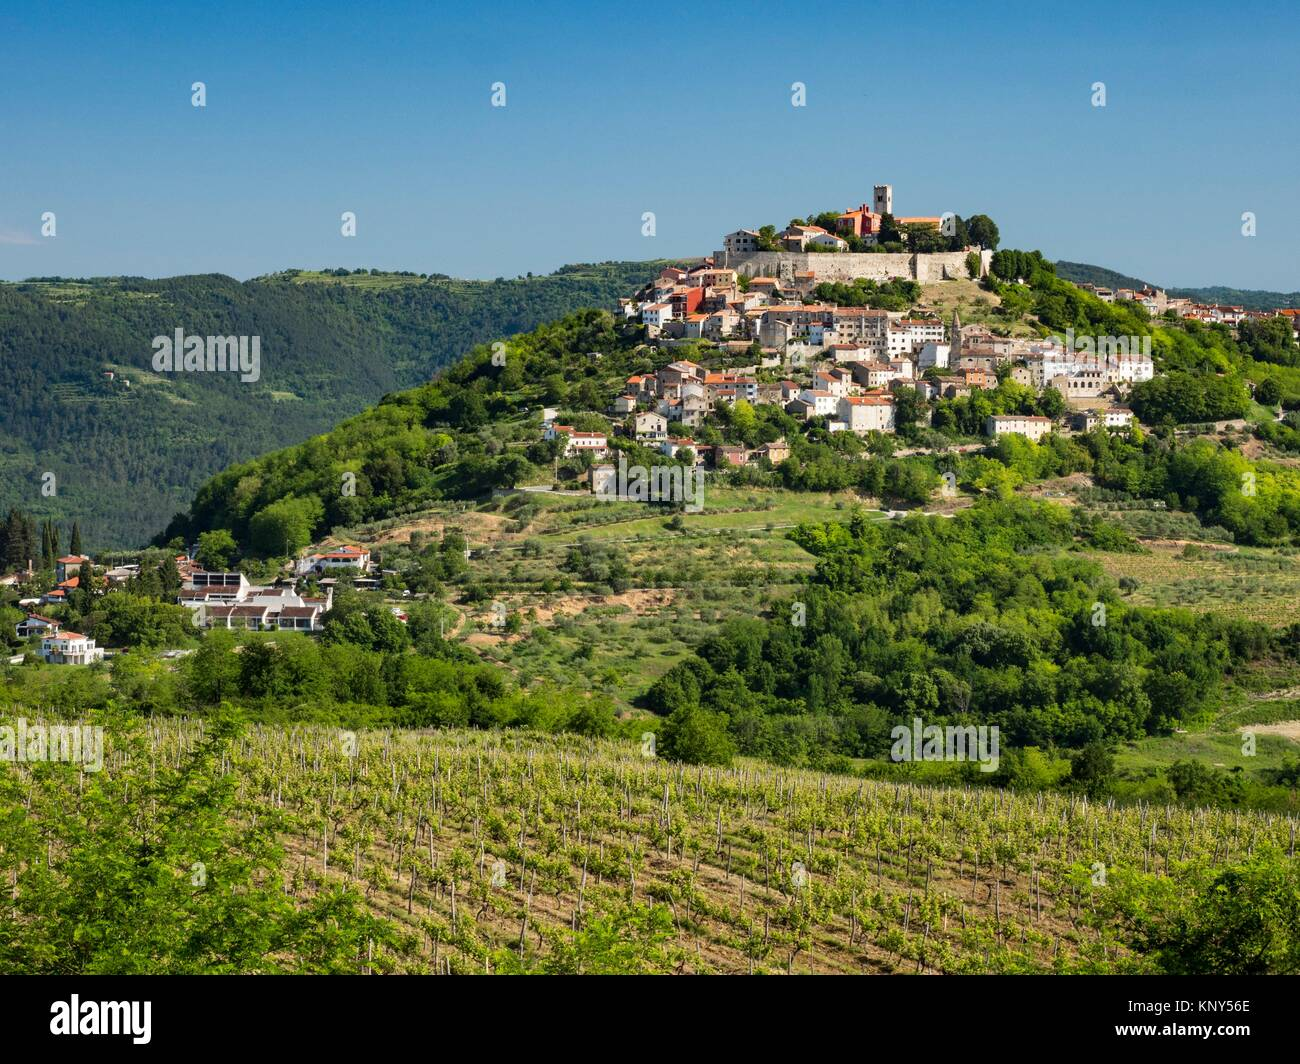 Montona Croazia Città Medievale. Immagini Stock